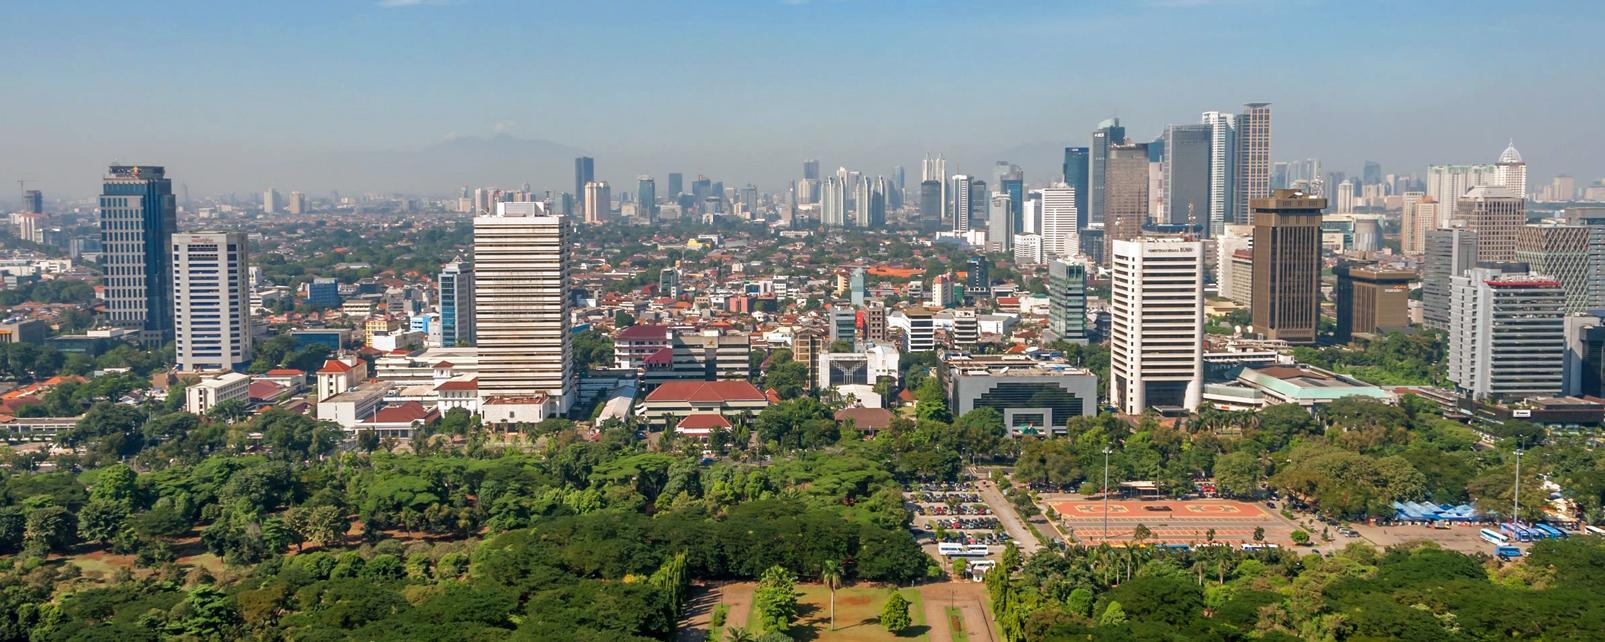 Java Yakarta